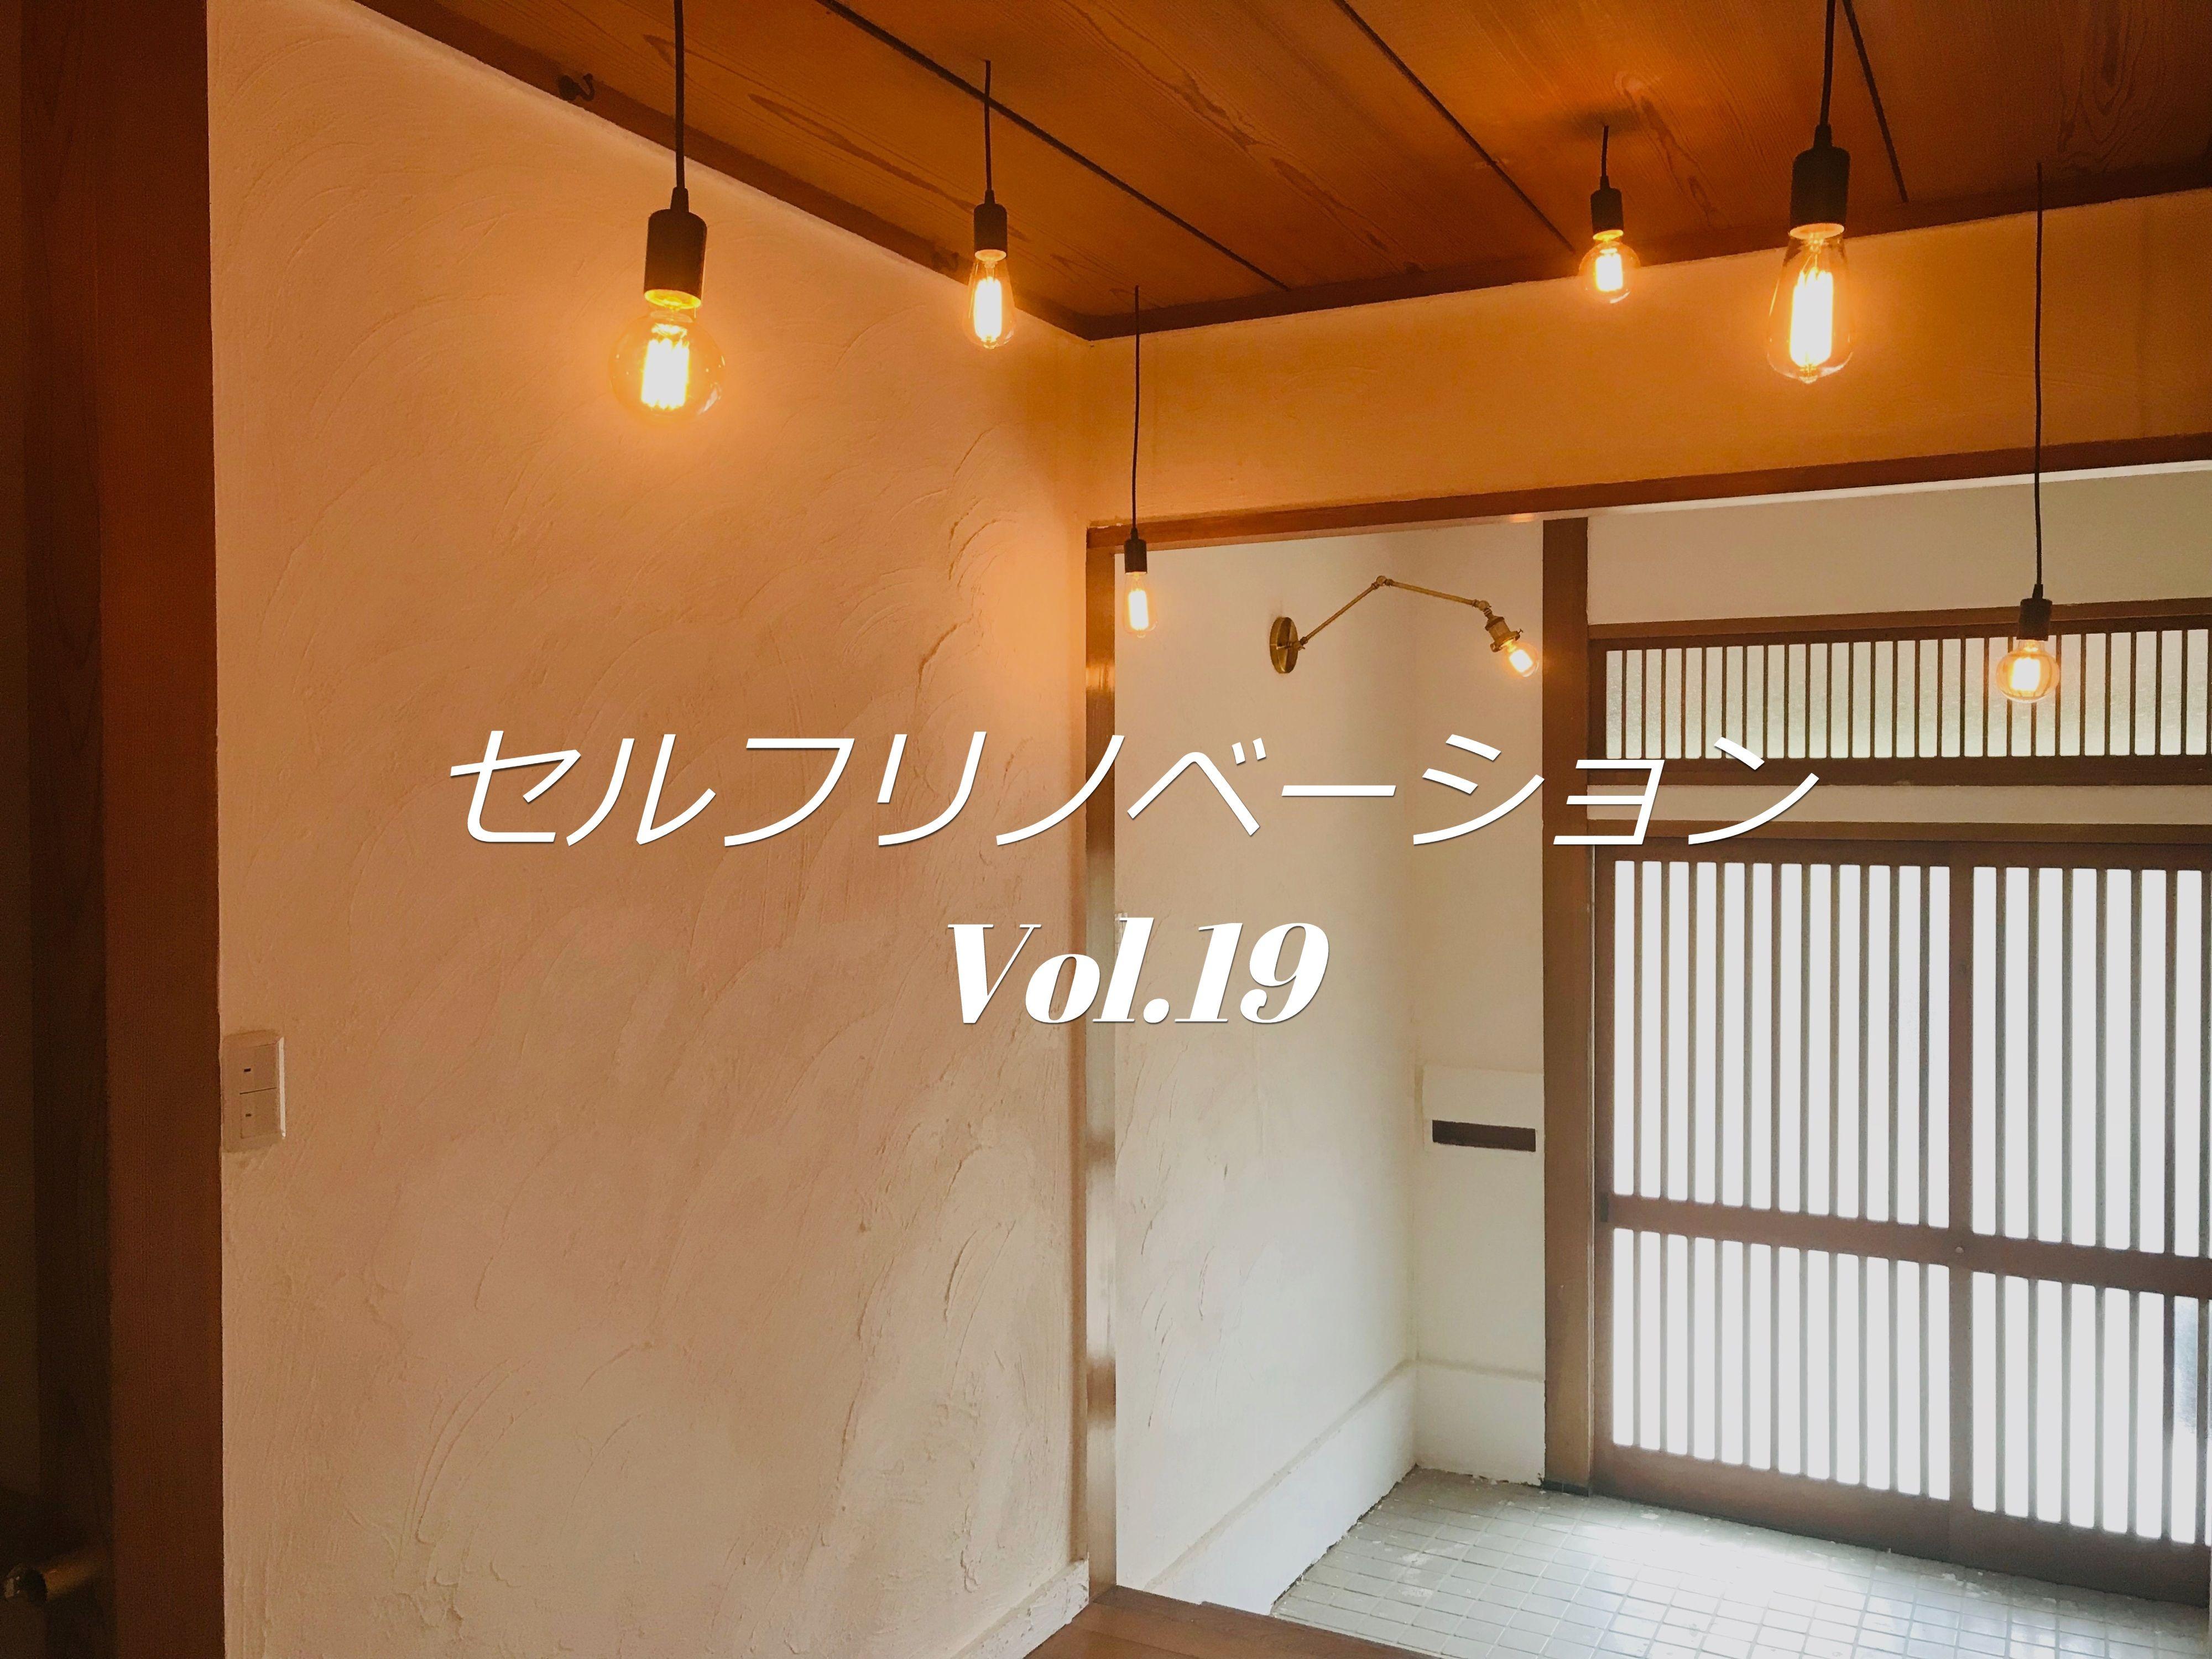 昭和の砂壁玄関をdiyで漆喰塗装にセルフリノベーション Vol 19 Diy